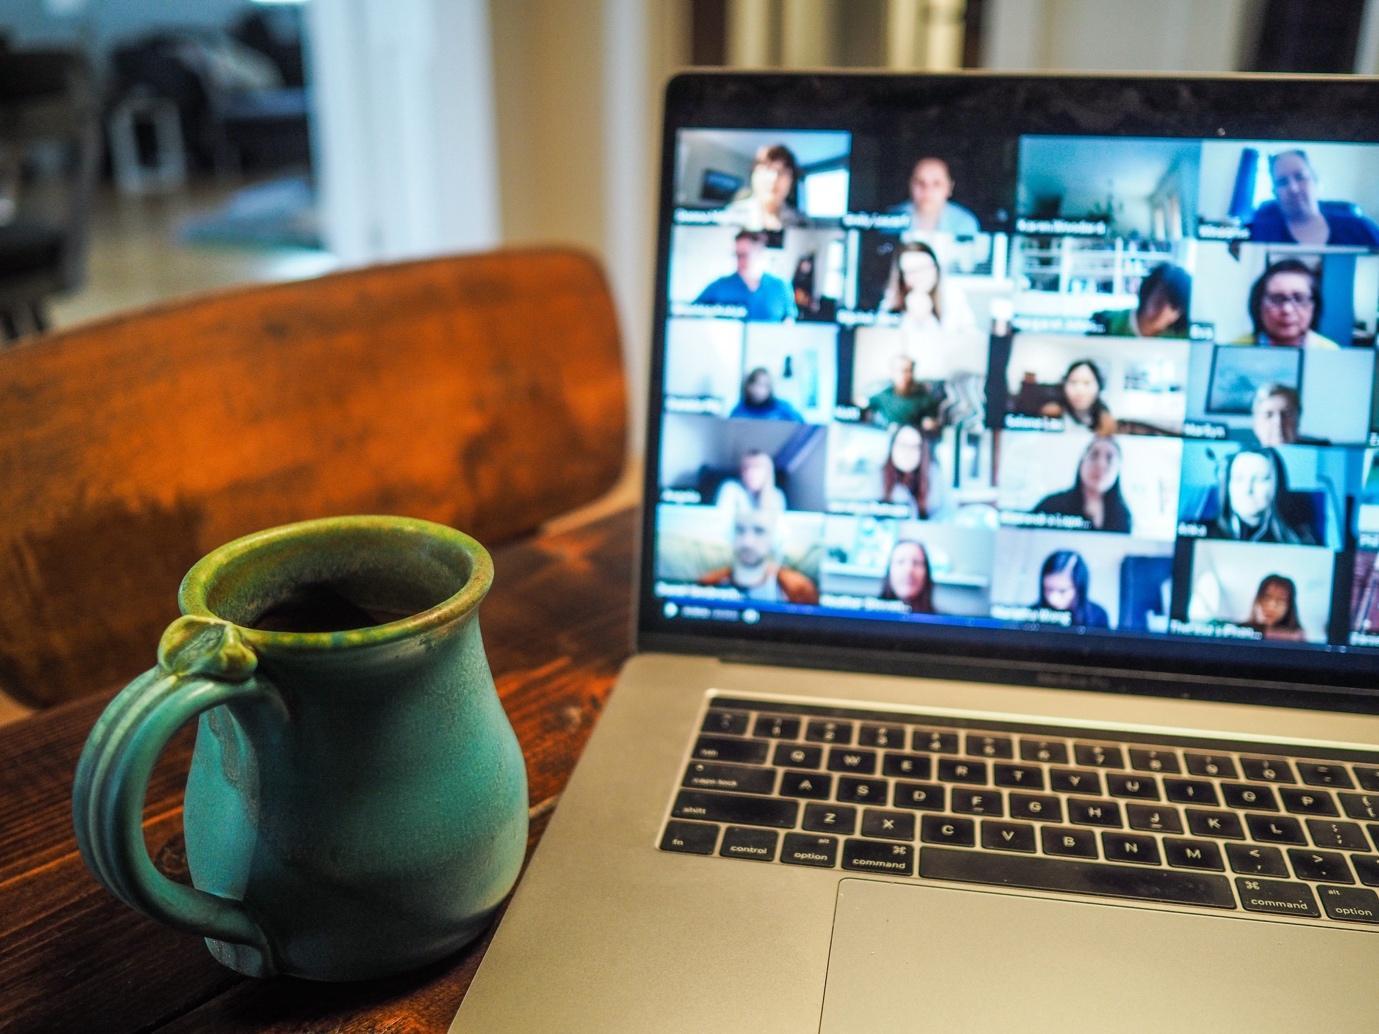 Онлайн-обучение изменило будущее высшего образования